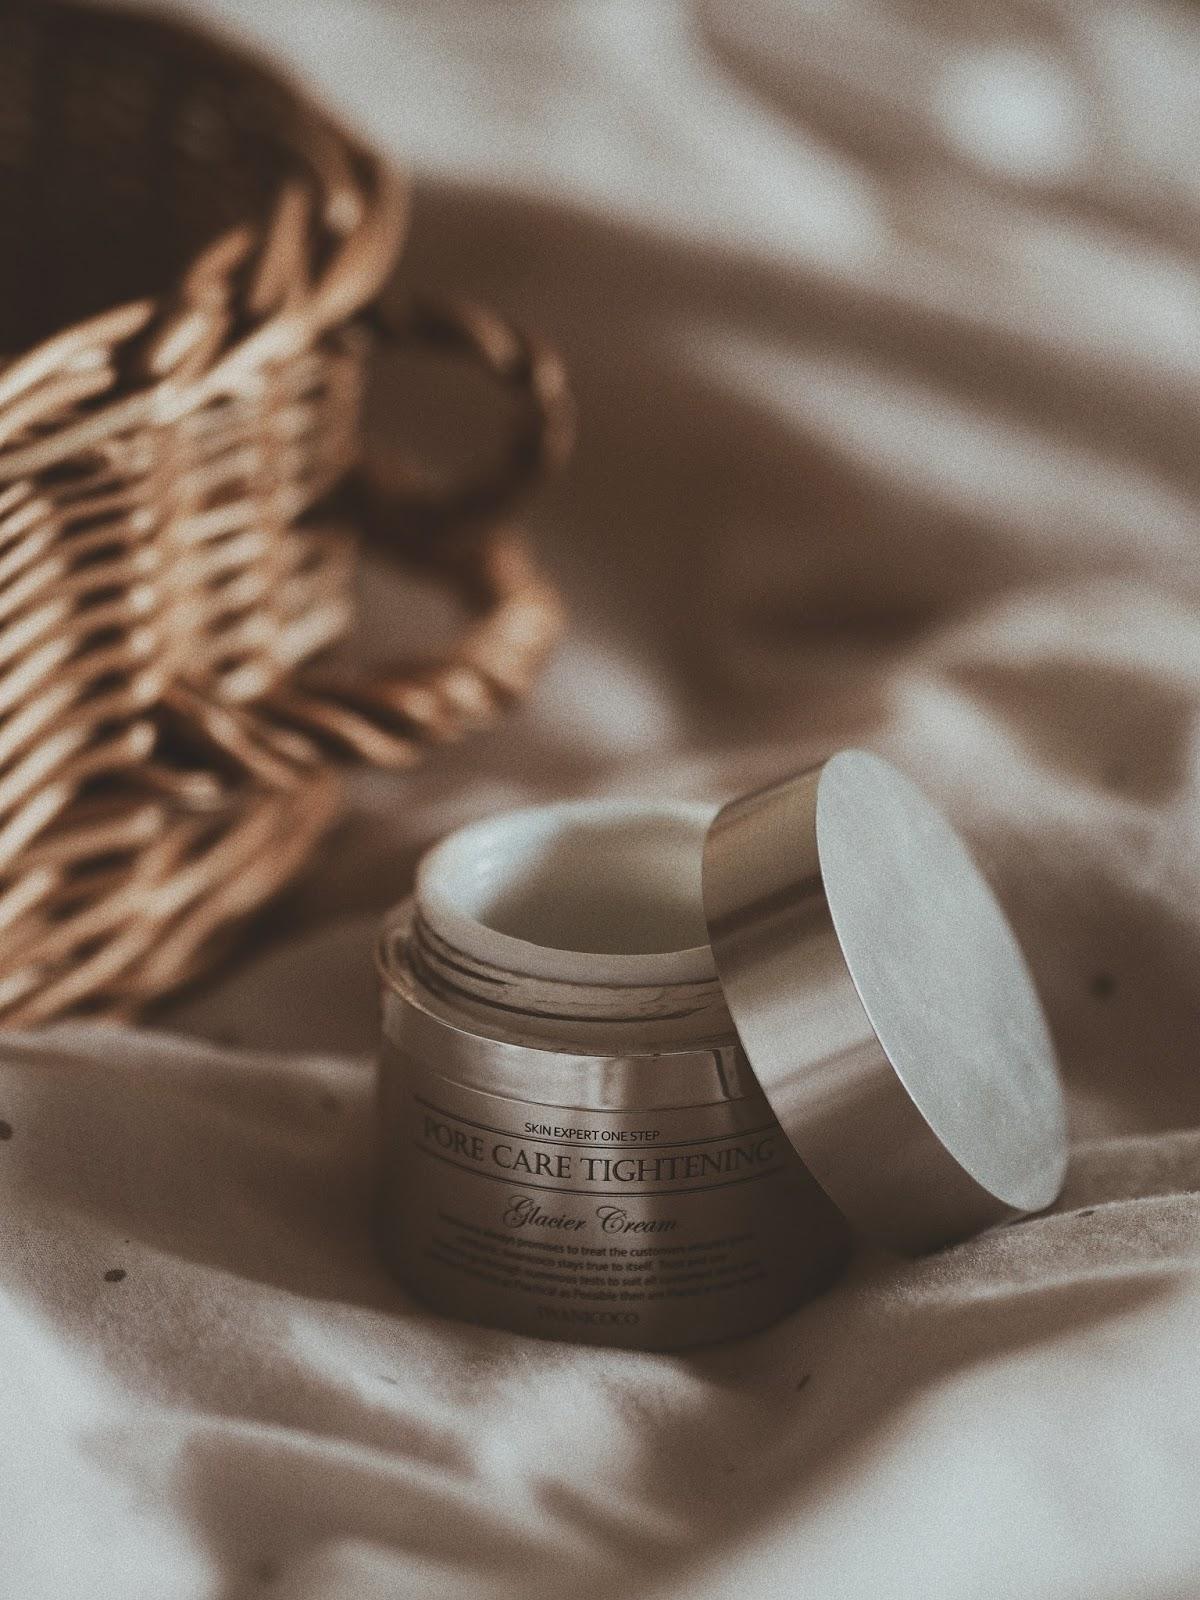 Ekstrawagancka Najlepsze Blogi Urodowe, Pielęgnacja, Kosmetyki naturalne